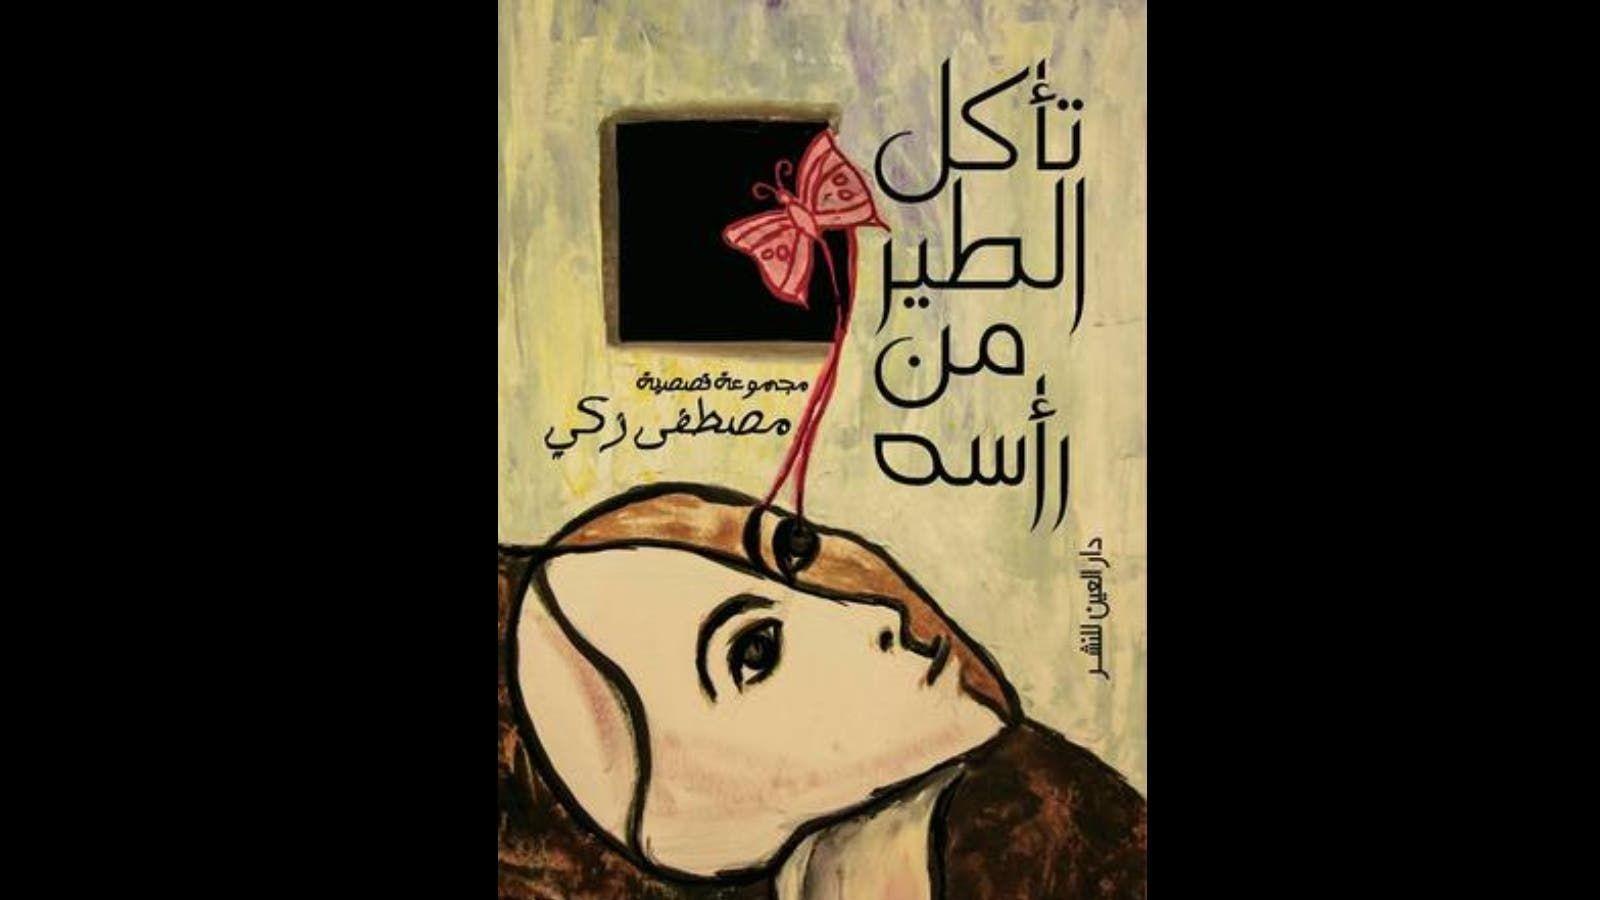 رواية تأكل الطير من رأسه للكاتب والقاص مصطفى زكي In 2021